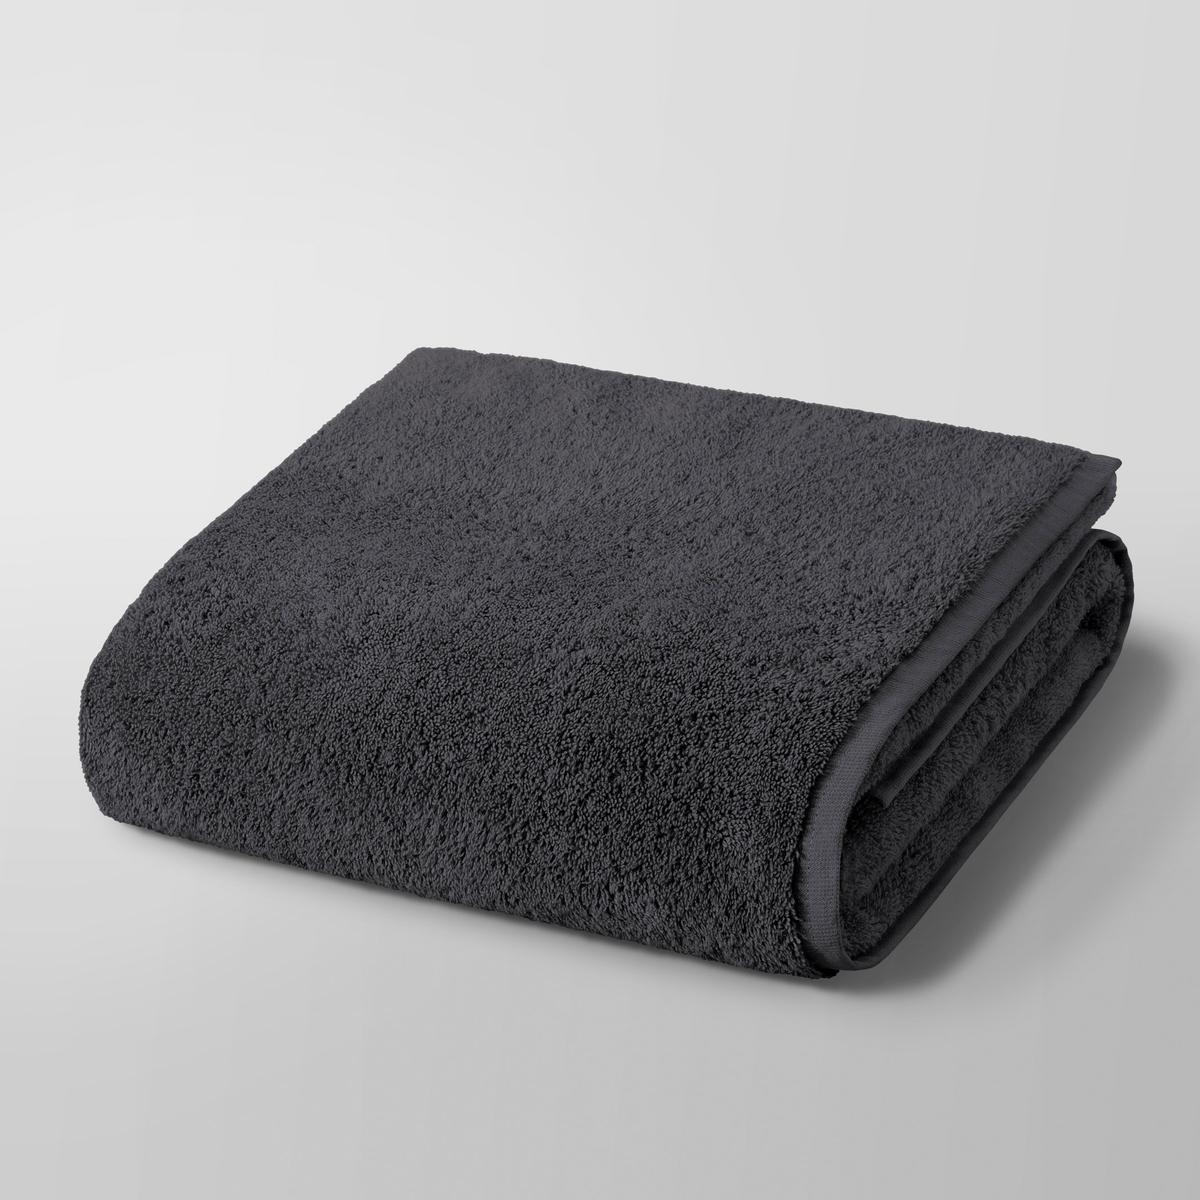 Полотенце для душа макси Gilbear, 100% хлопокПолотенце для душа макси Gilbear, 100% хлопок. Очень нежная, плотная и мягкая махровая ткань. 100% чесаный хлопок 600г/м?, очень мягкий и устойчивый к износу. Машинная стирка при 60 °С. Размер : 103 x 150 см.<br><br>Цвет: темно-серый